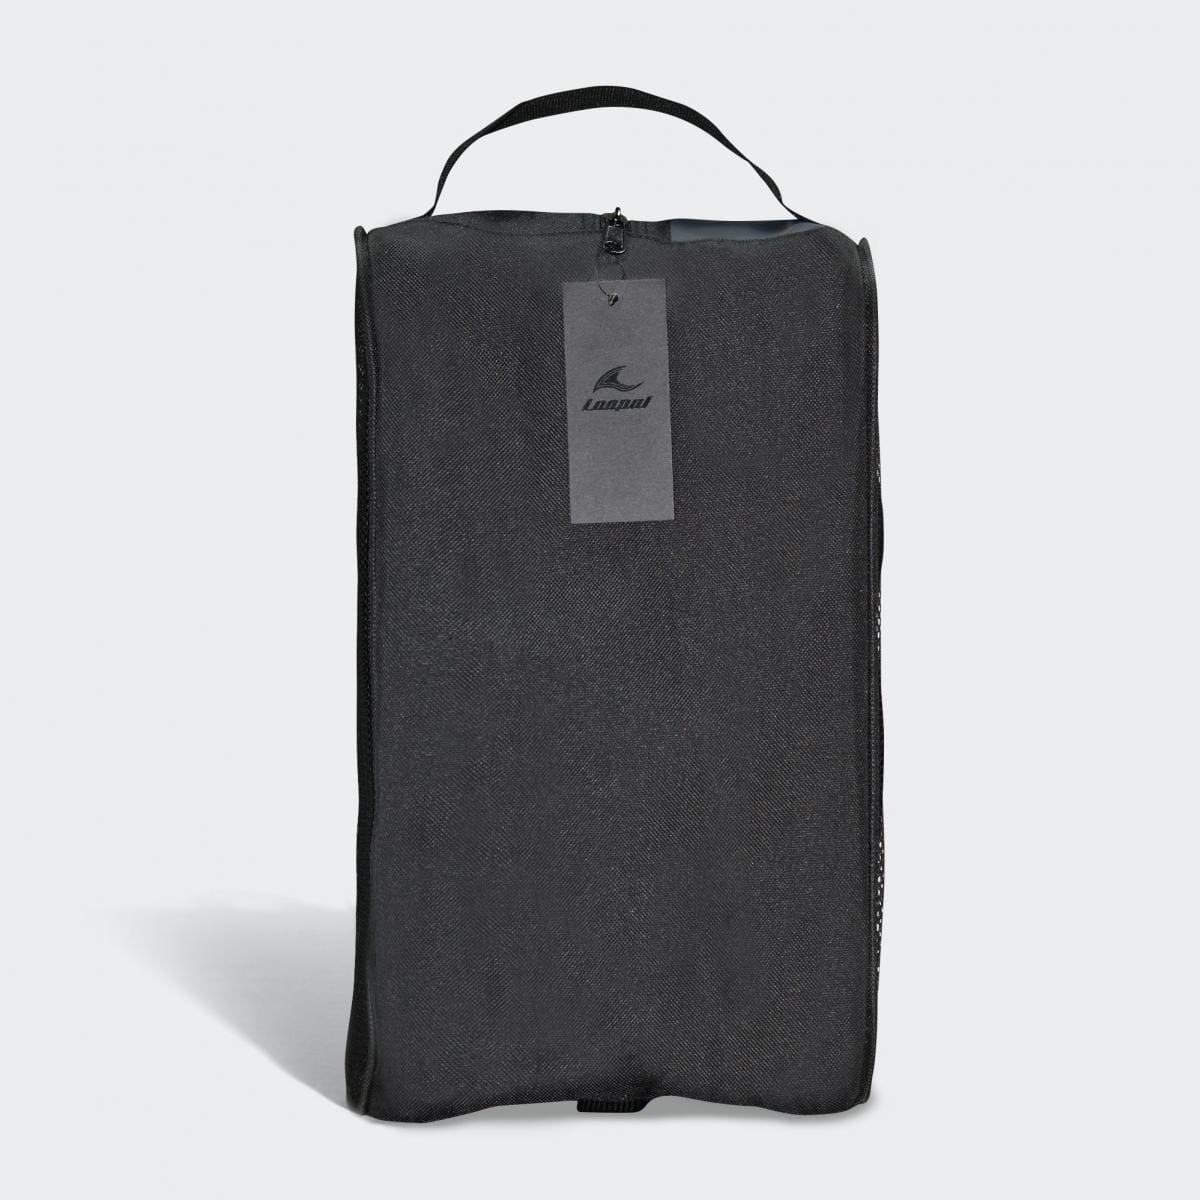 Loopal AIR POWER 系列 極輕透氣運動鞋袋 4